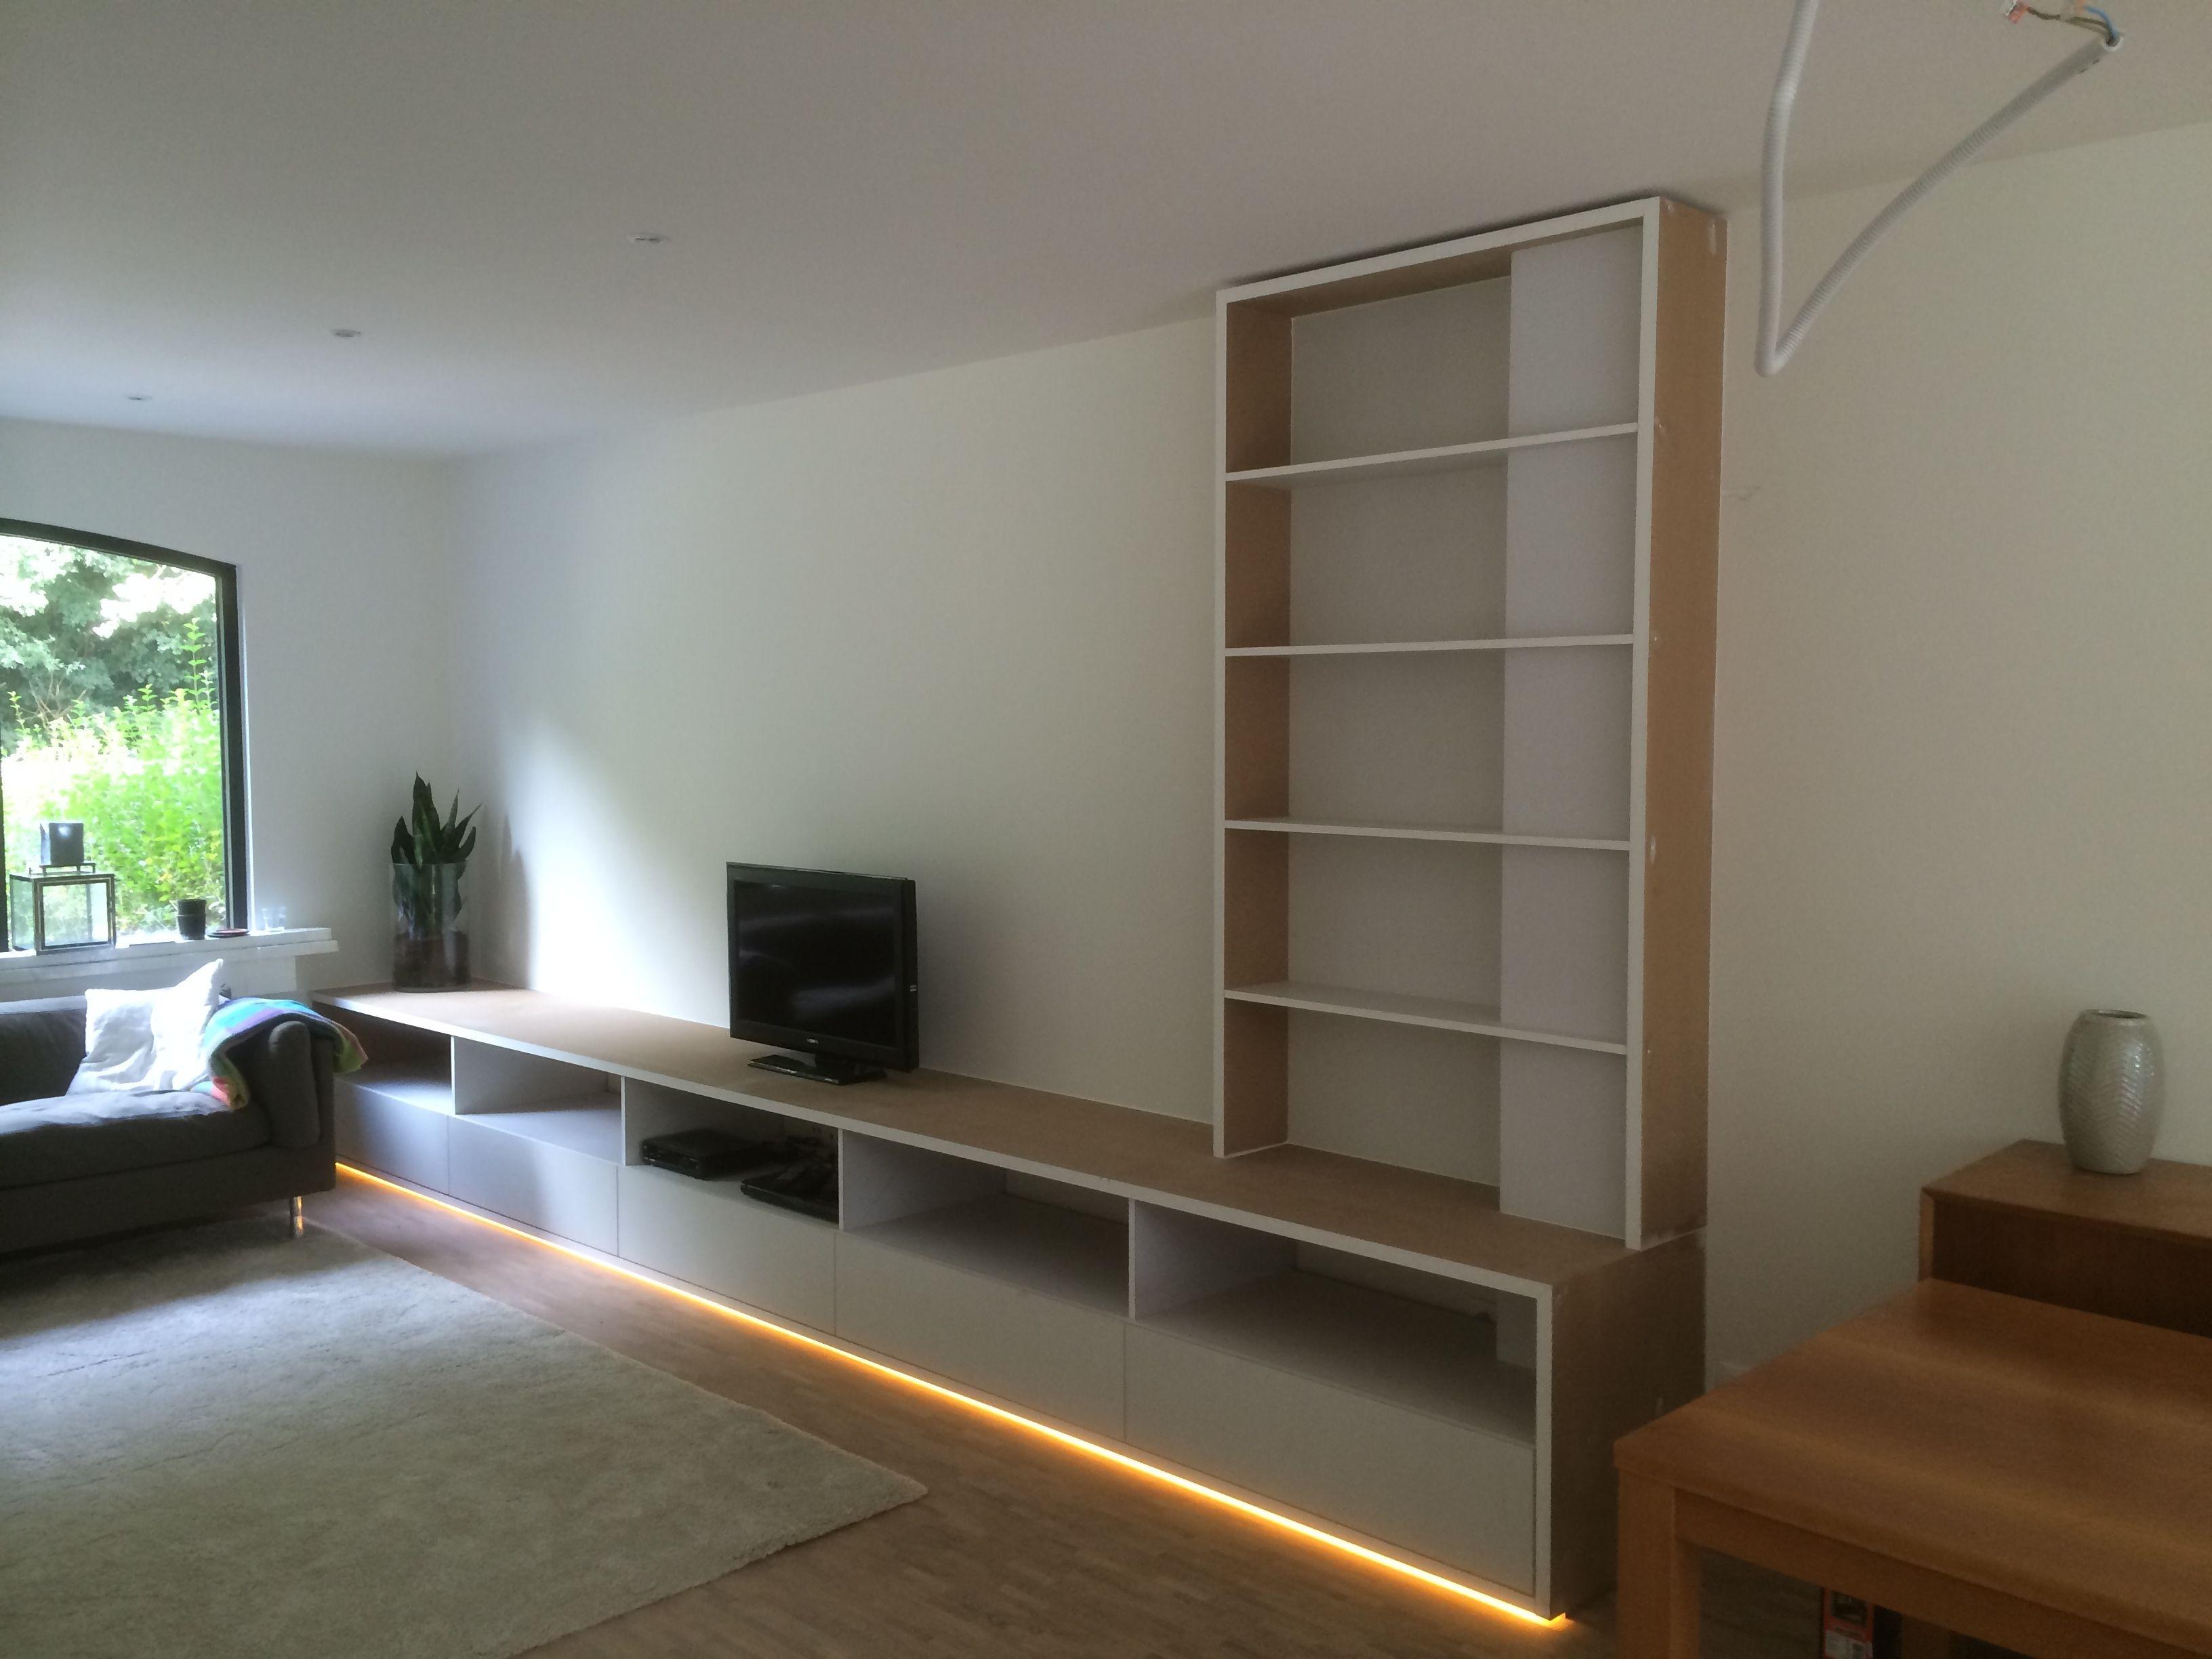 Tv- kast met indirecte verlichting voor een zwevend effect ...